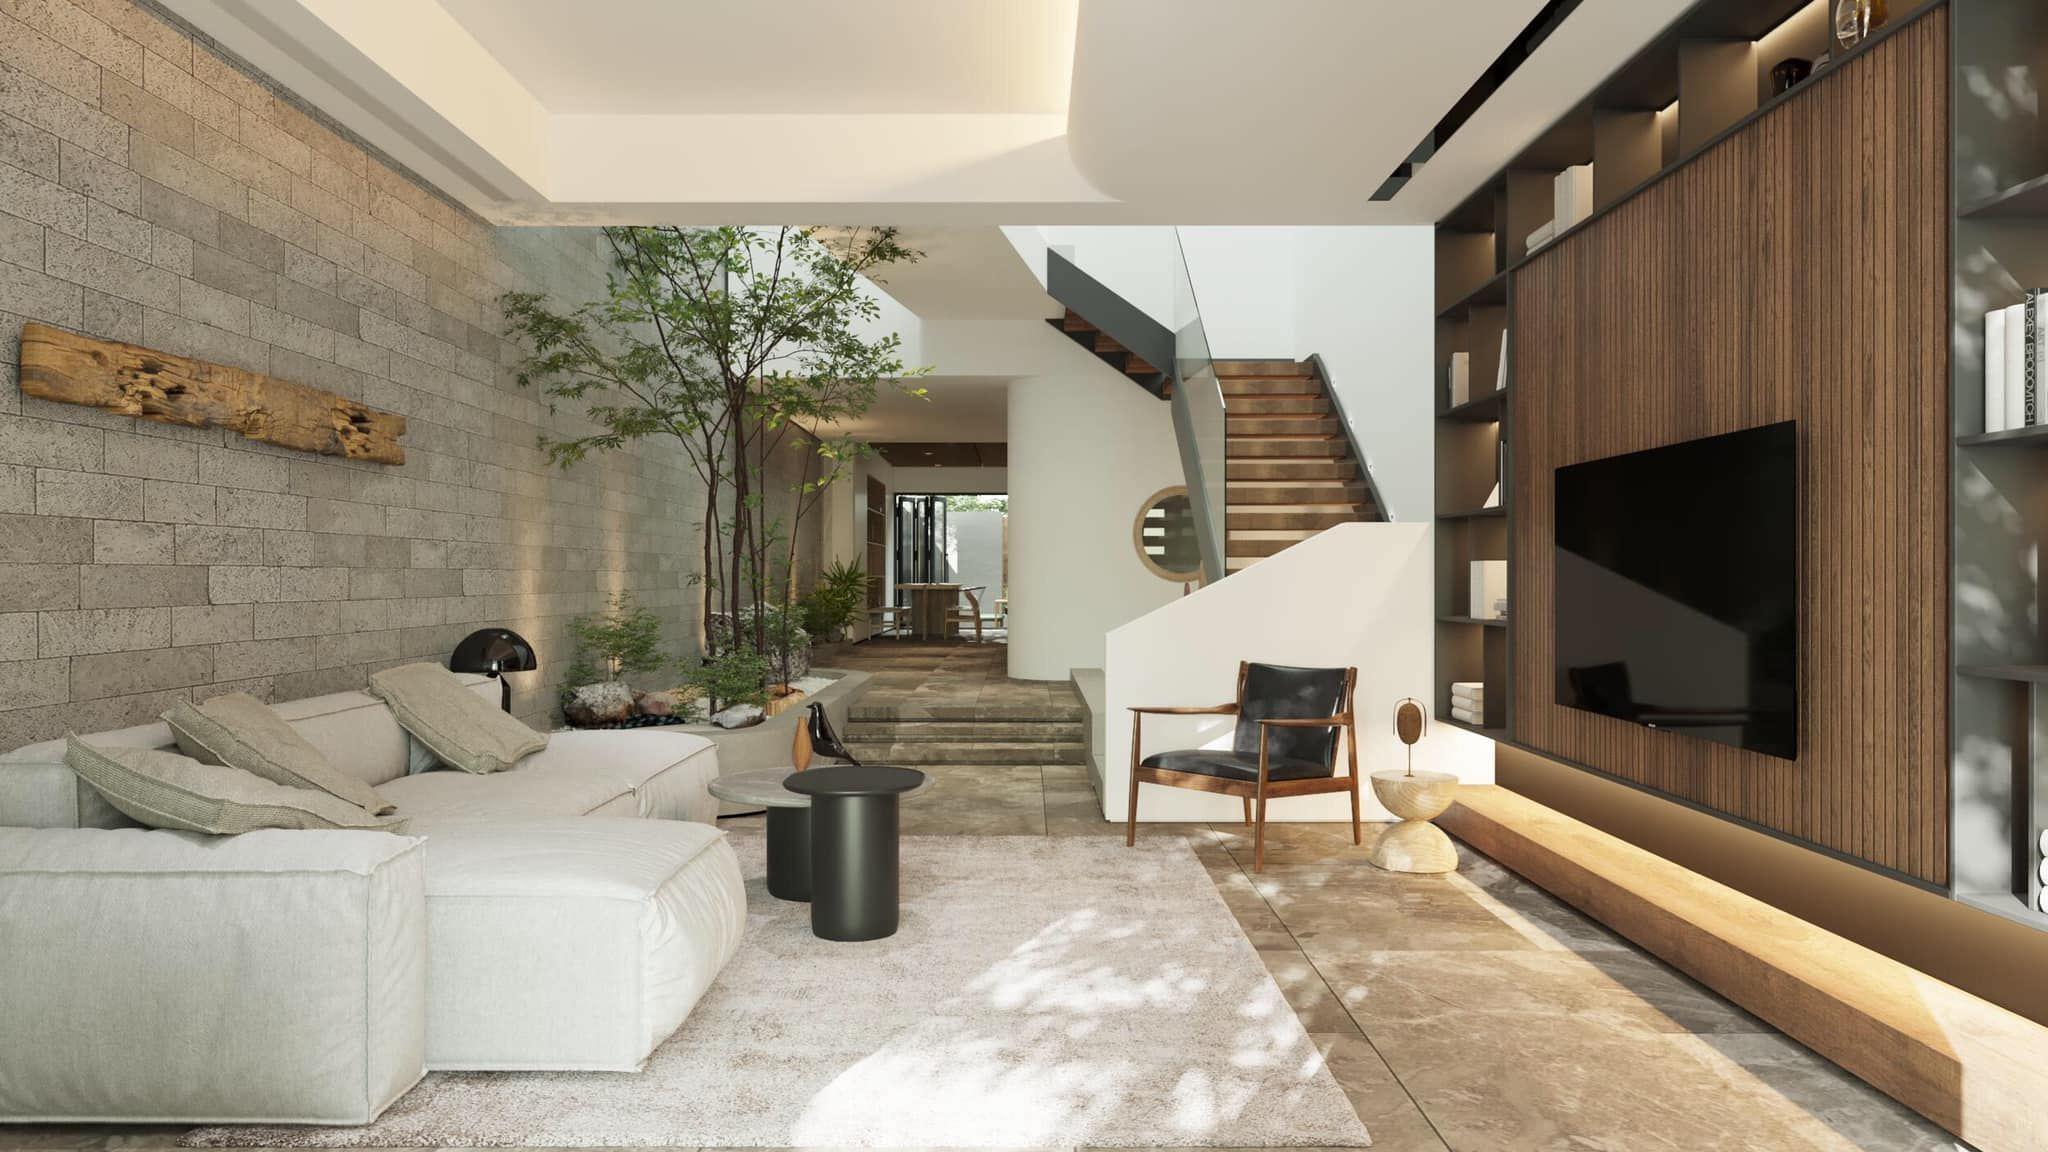 Thiết kế phòng khách nhà ống thông thoáng, mát mẻ, gần gũi với thiên nhiên nhờ cách sử dụng màu sắc tự nhiên từ giấy dán tường giả gạch hay kệ tivi gỗ